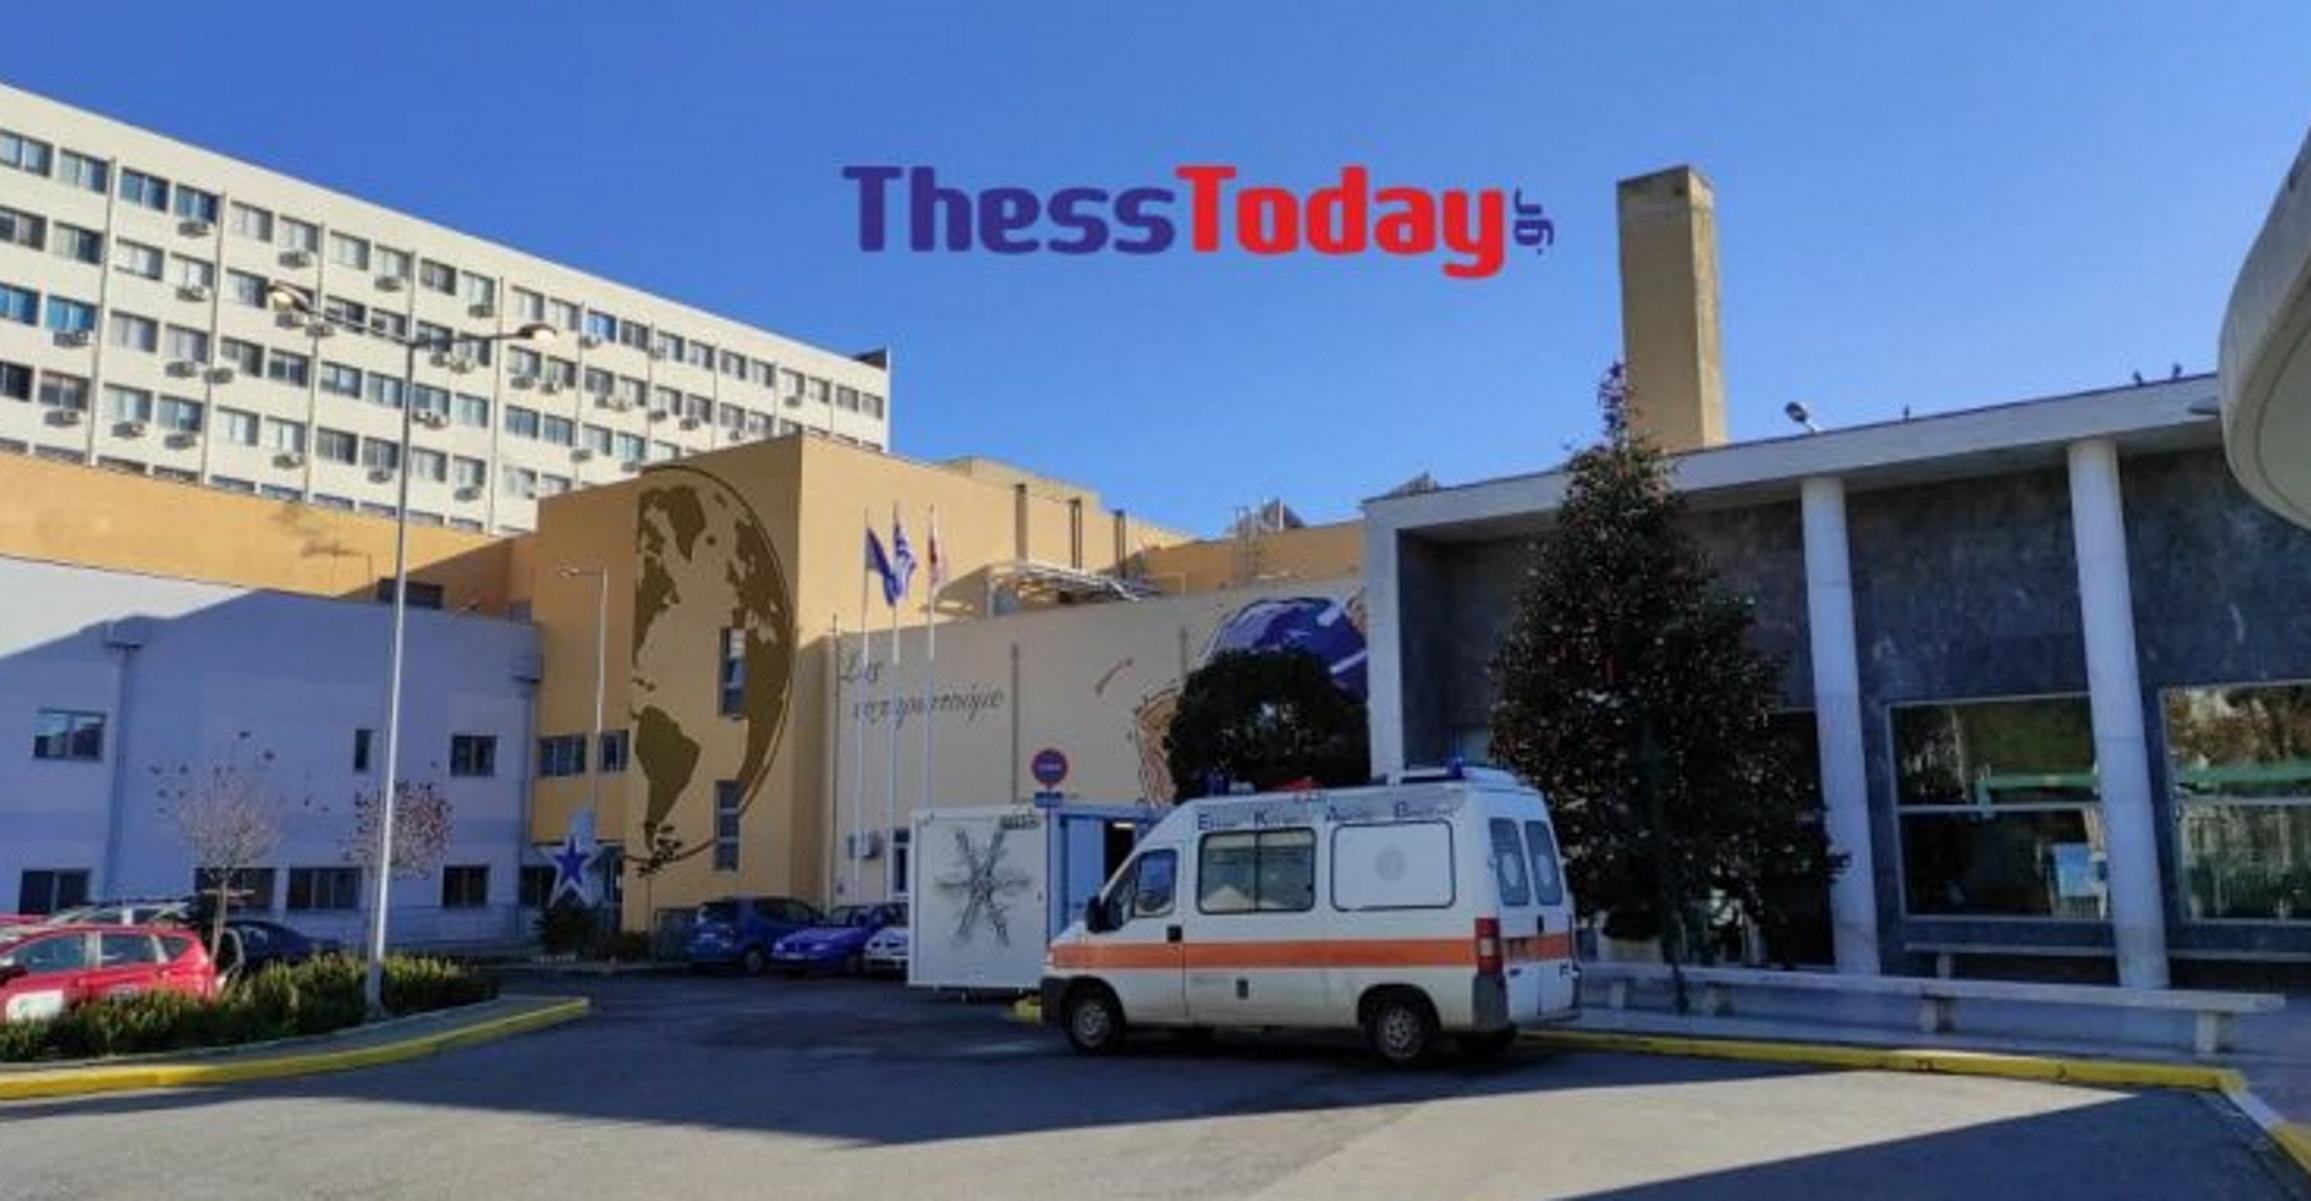 Εμβόλιο: Ο λοιμωξιολόγος του ΑΧΕΠΑ Σίμος Μεταλλίδης θα εμβολιαστεί πρώτος στη Θεσσαλονίκη